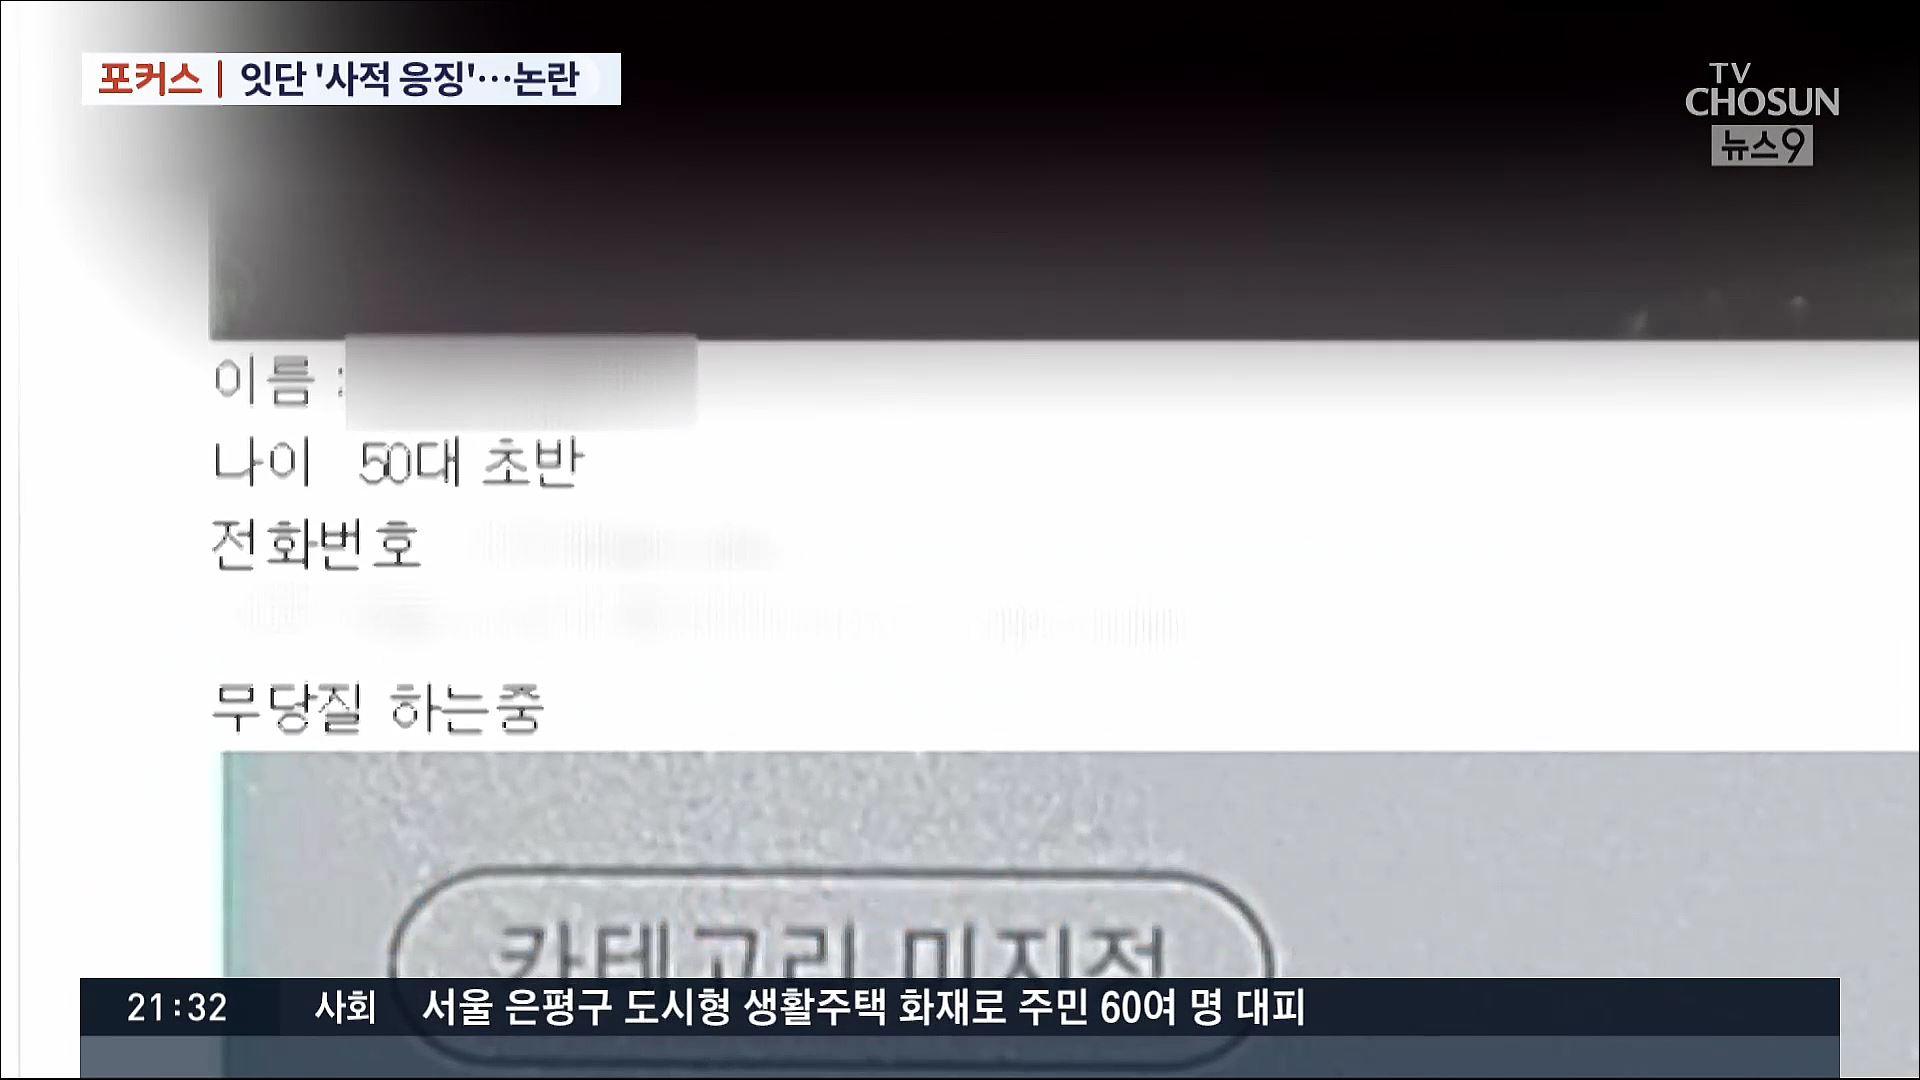 [포커스] 잇따르는 폭로·신상공개…'사적 응징' 논란